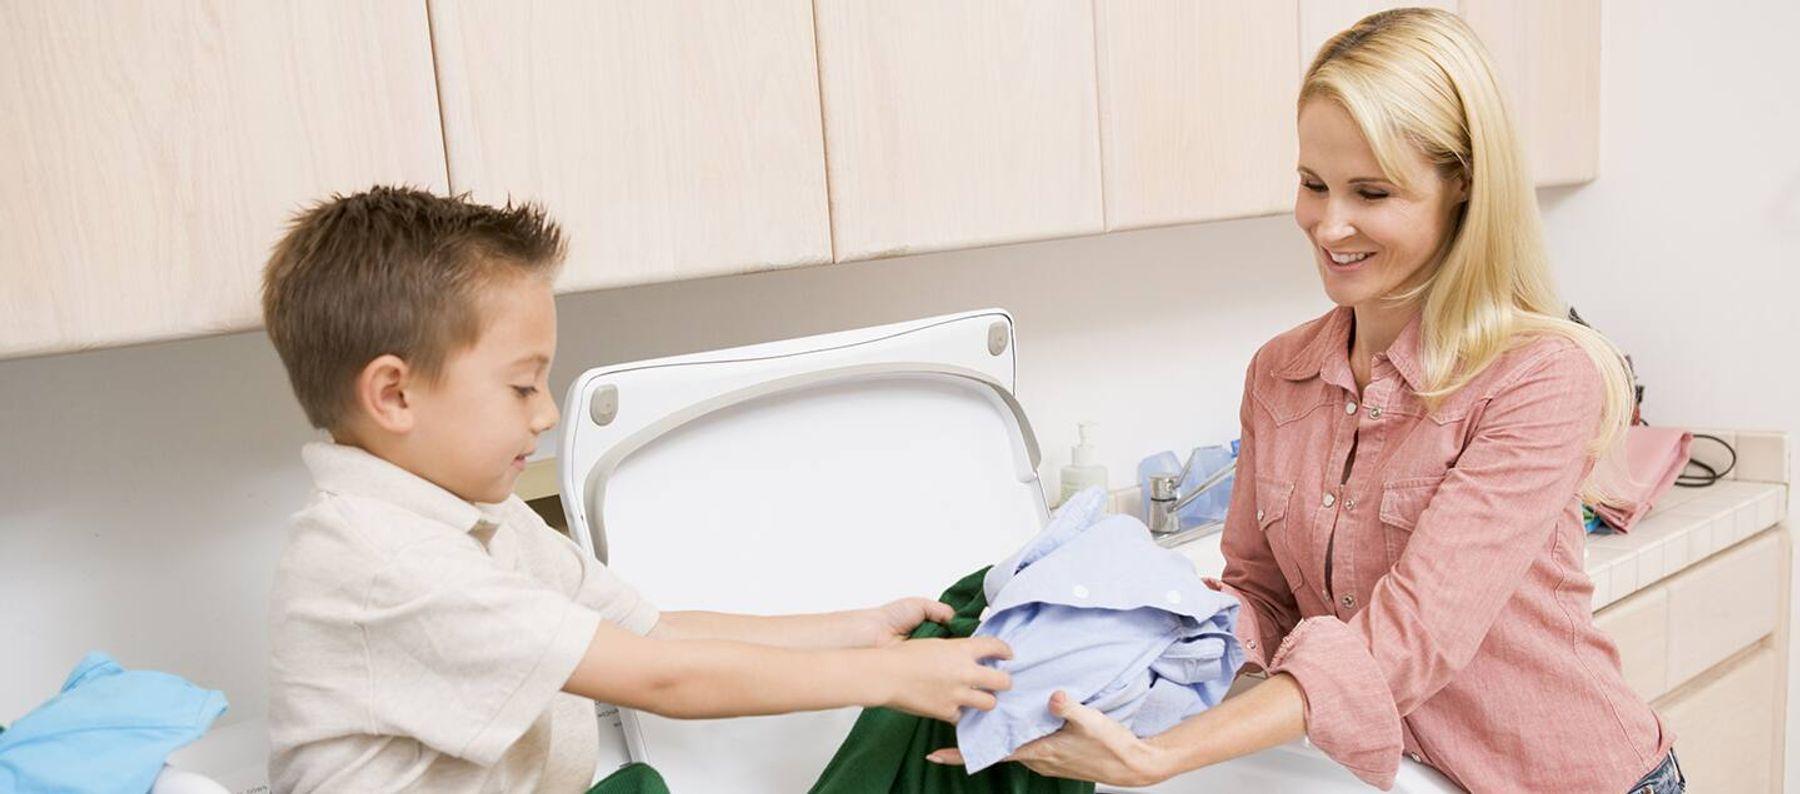 đặt máy giặt cửa trên ở nơi không ẩm mốc